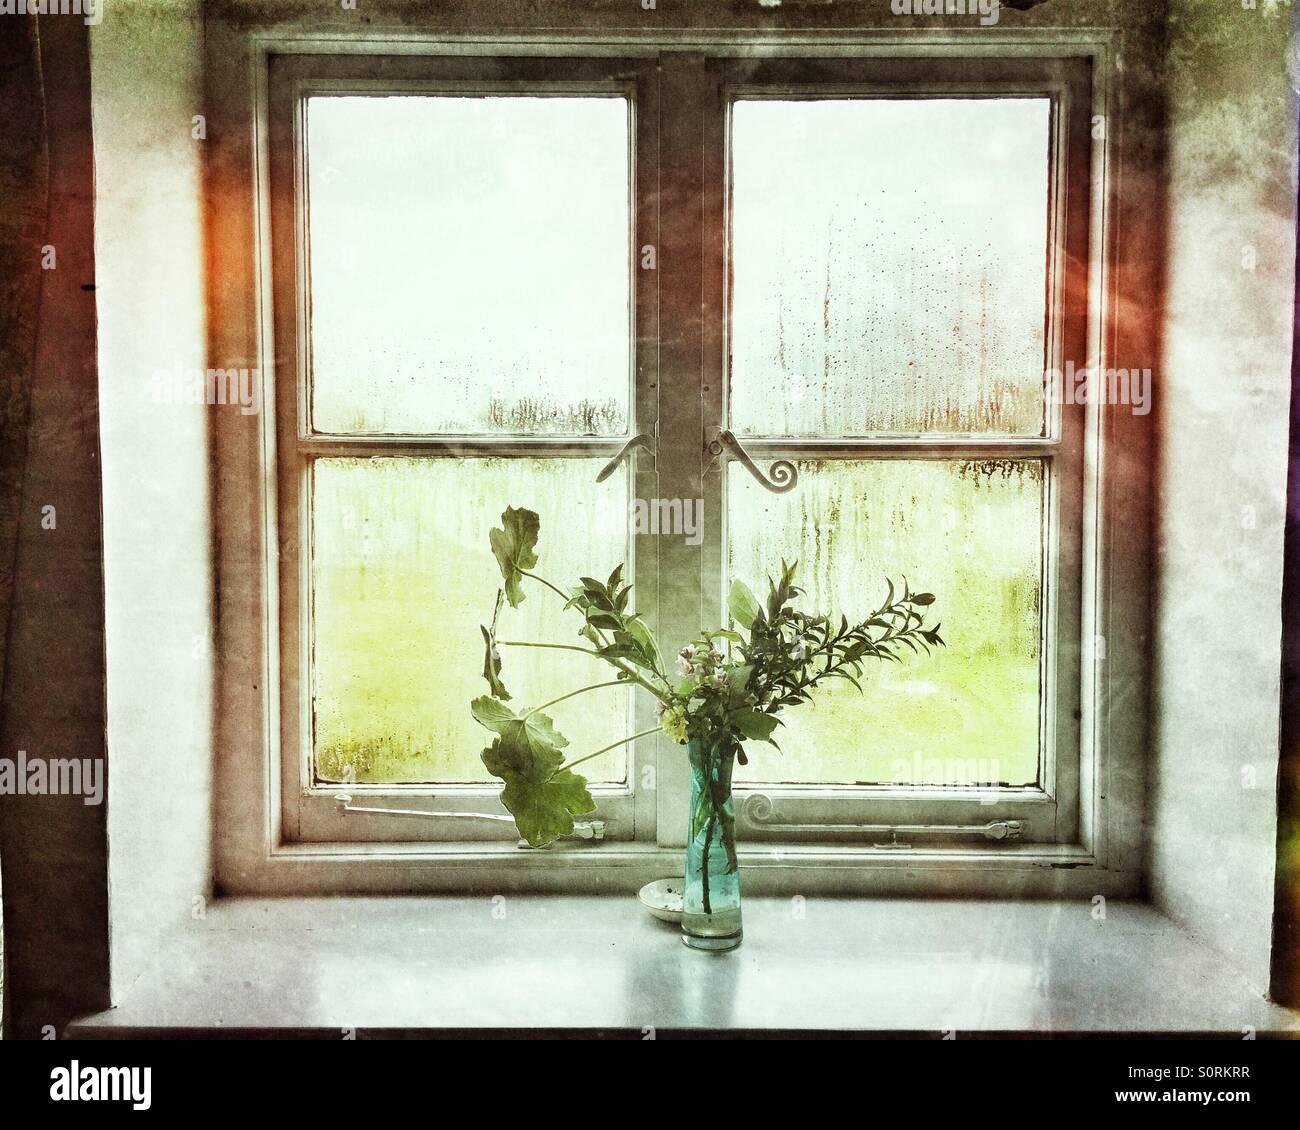 Eine Vase mit Blumen am Fenster Stockbild